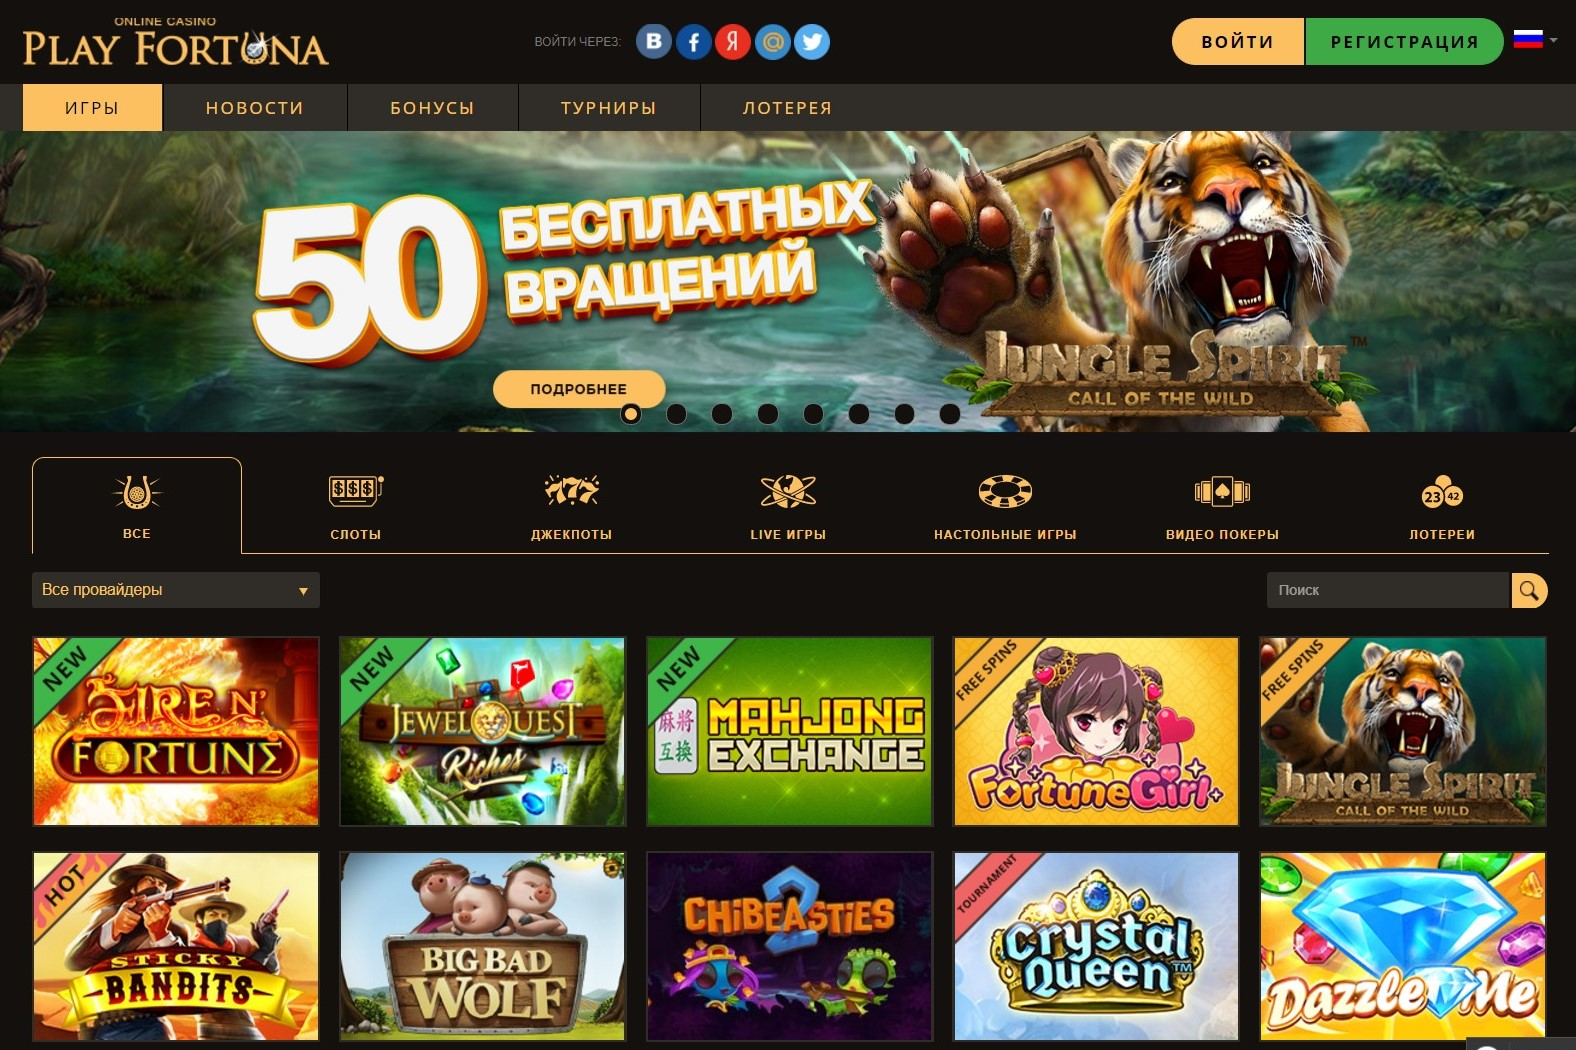 официальный сайт play fortuna официальное зеркало